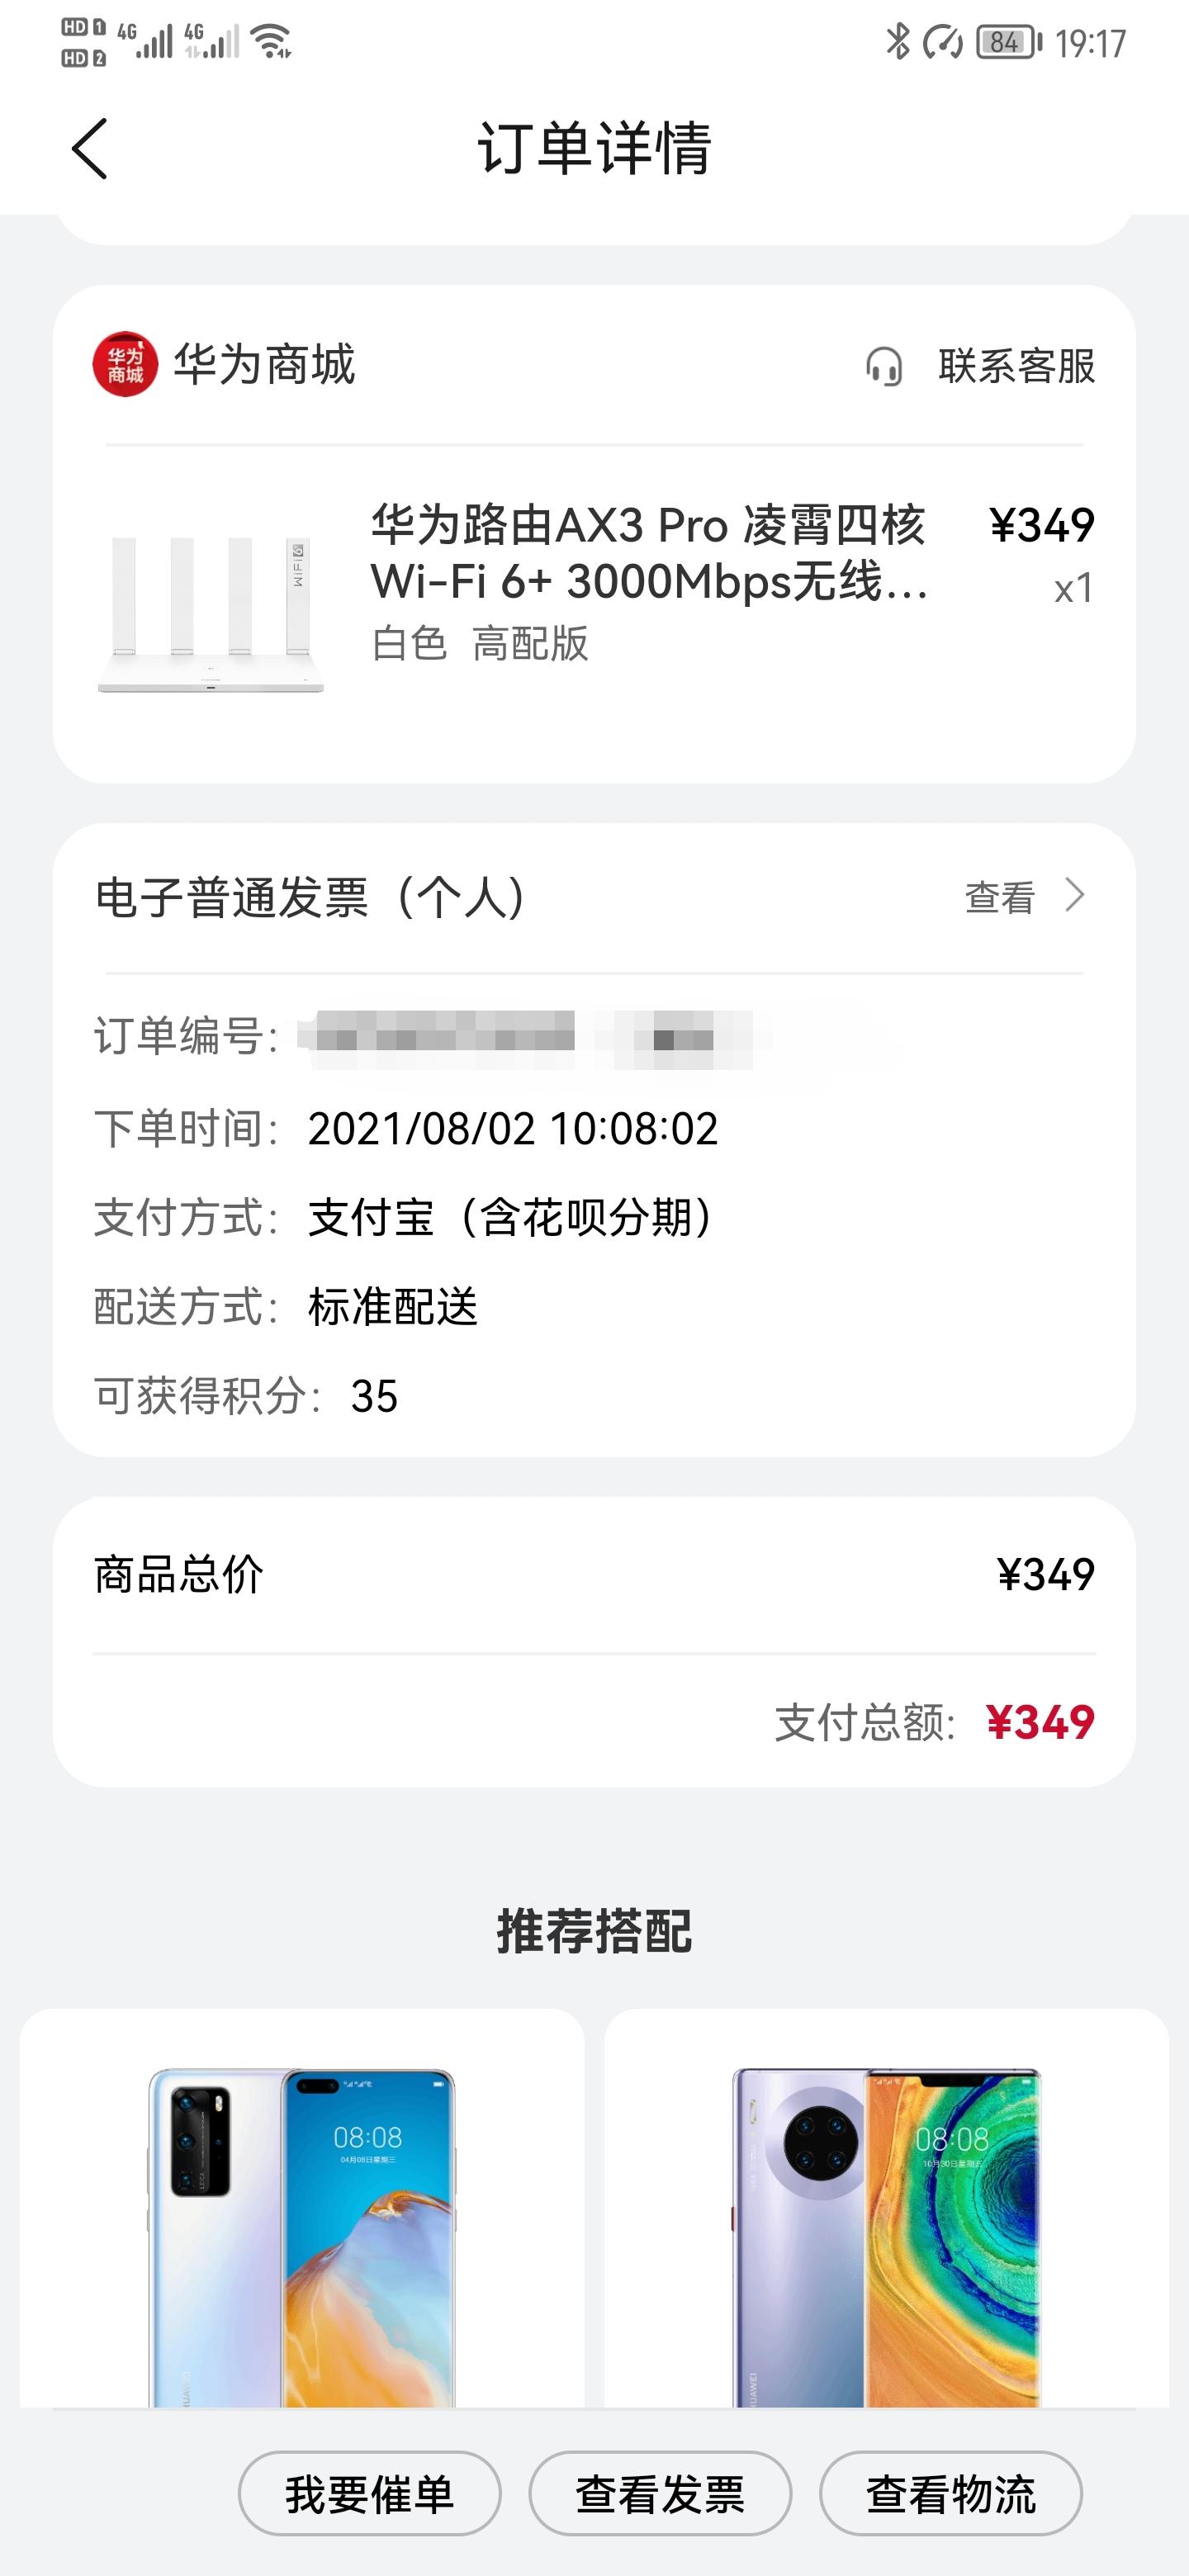 Screenshot_20210802_191759.jpg